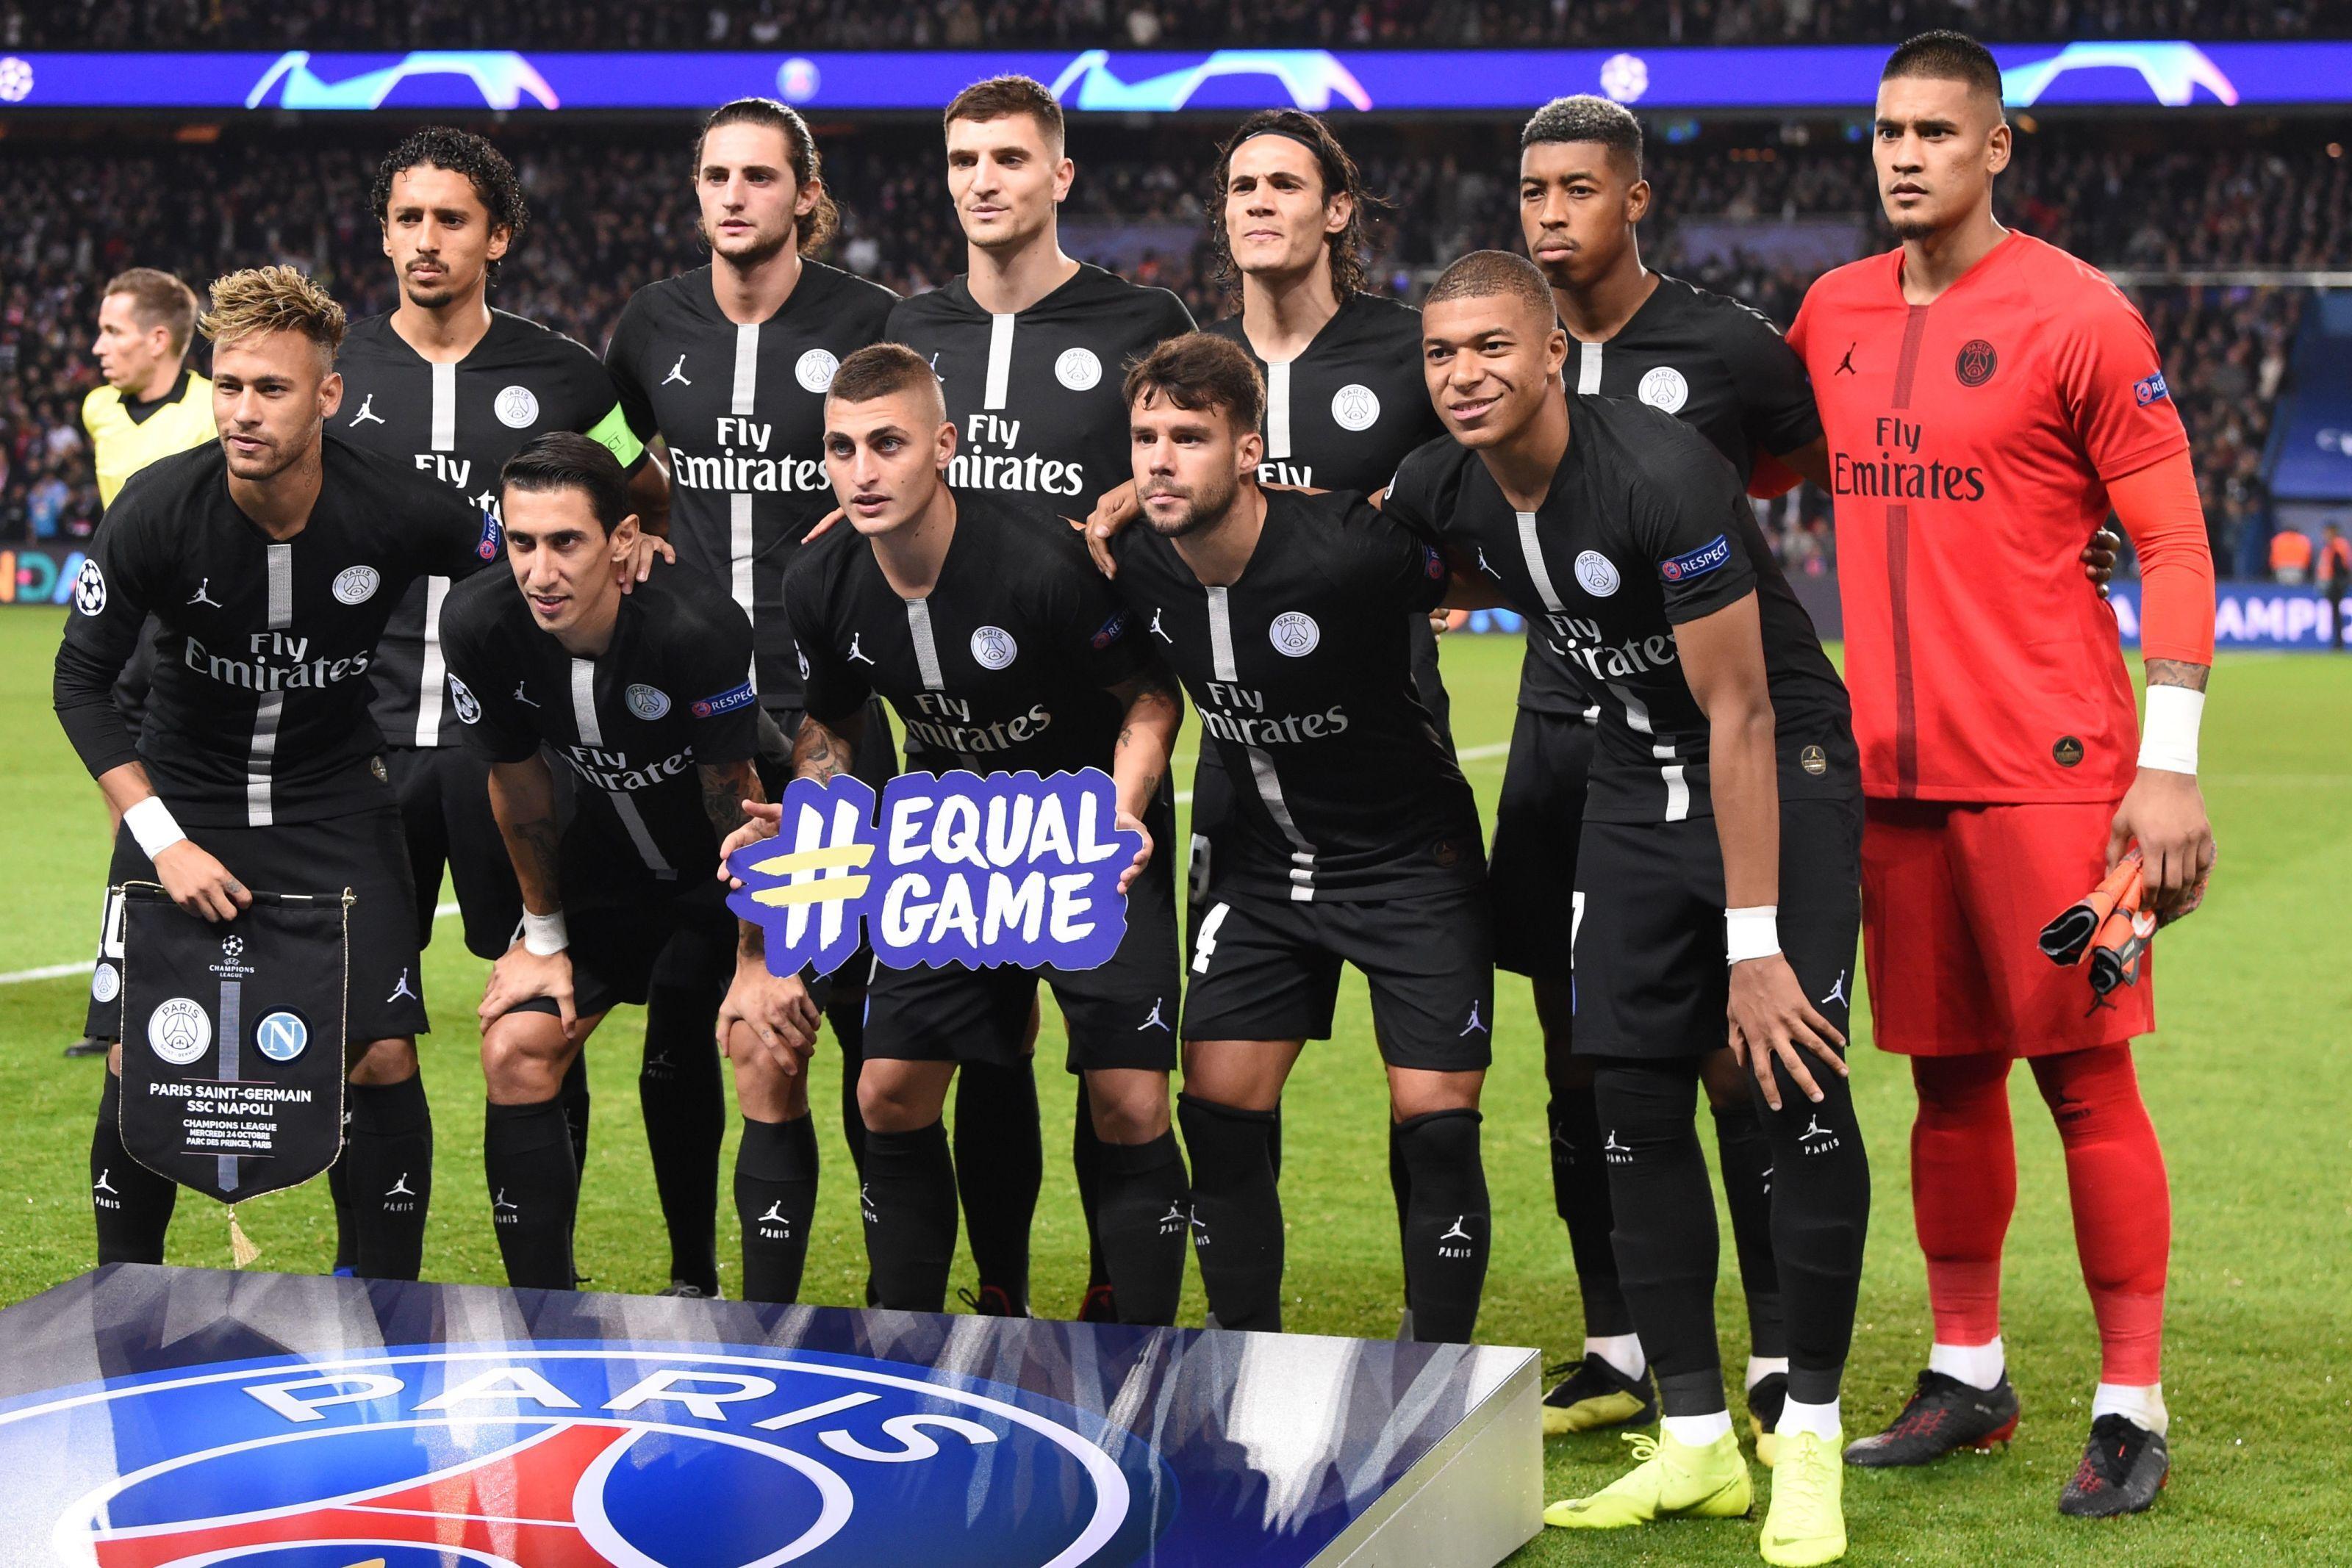 finest selection f1aaa c1ac6 How Paris Saint-Germain should line up for Sunday's Le Classique